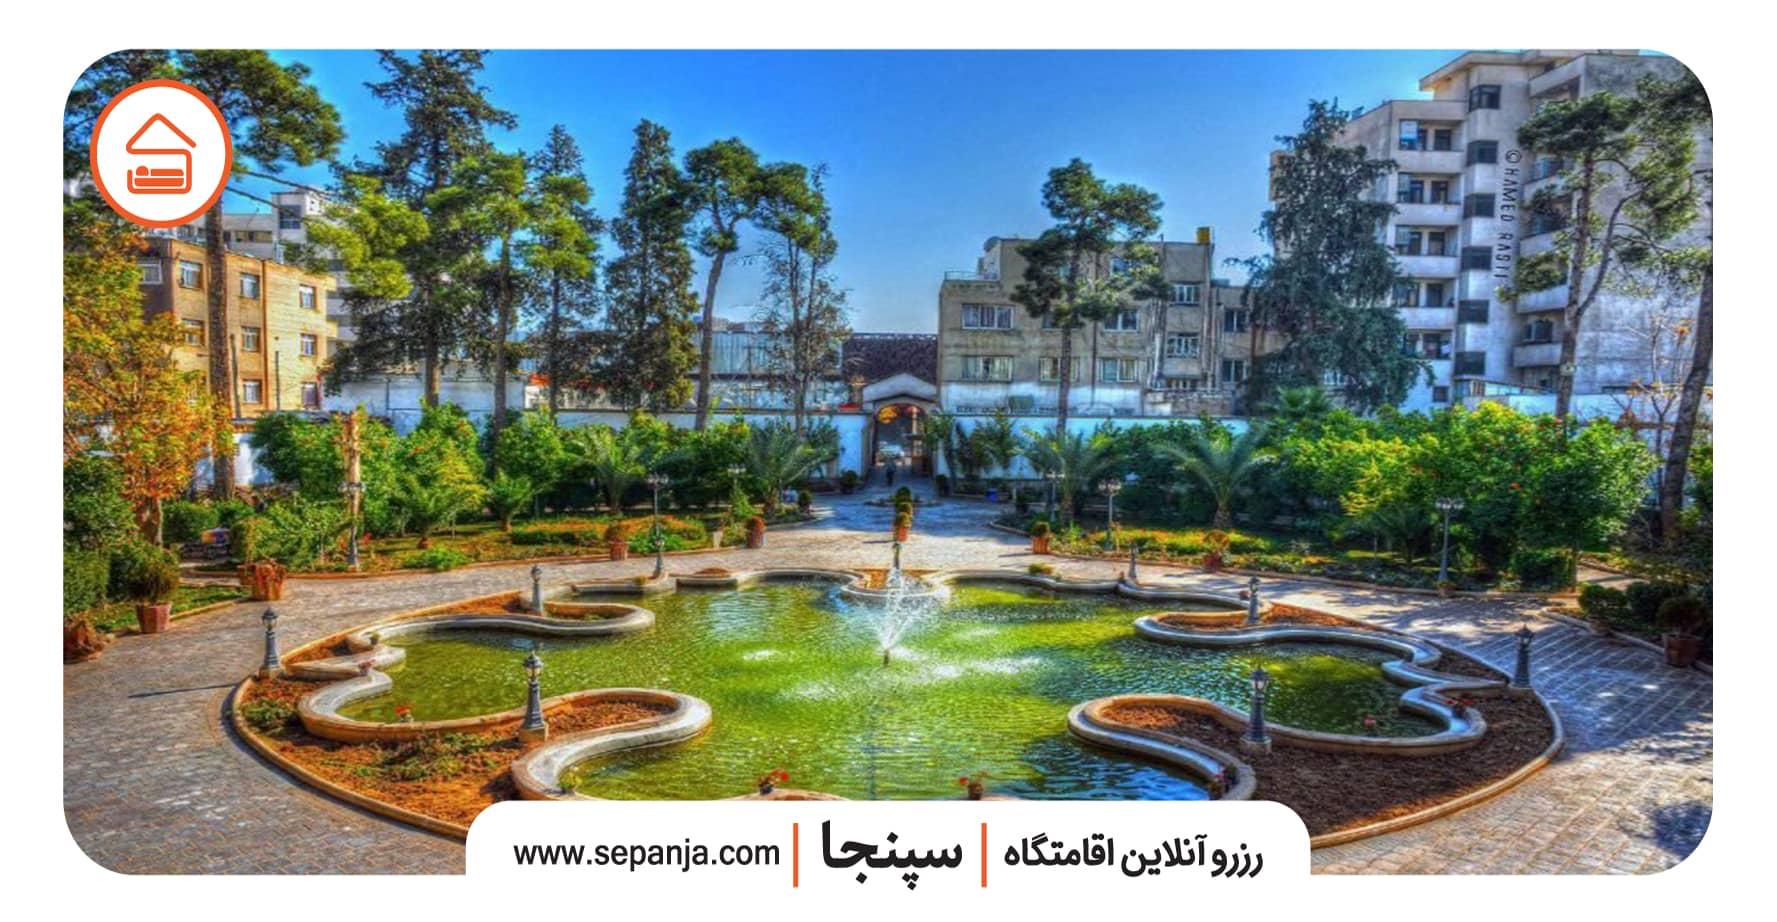 نمایی از حیاط عمارت شاپوری شیراز